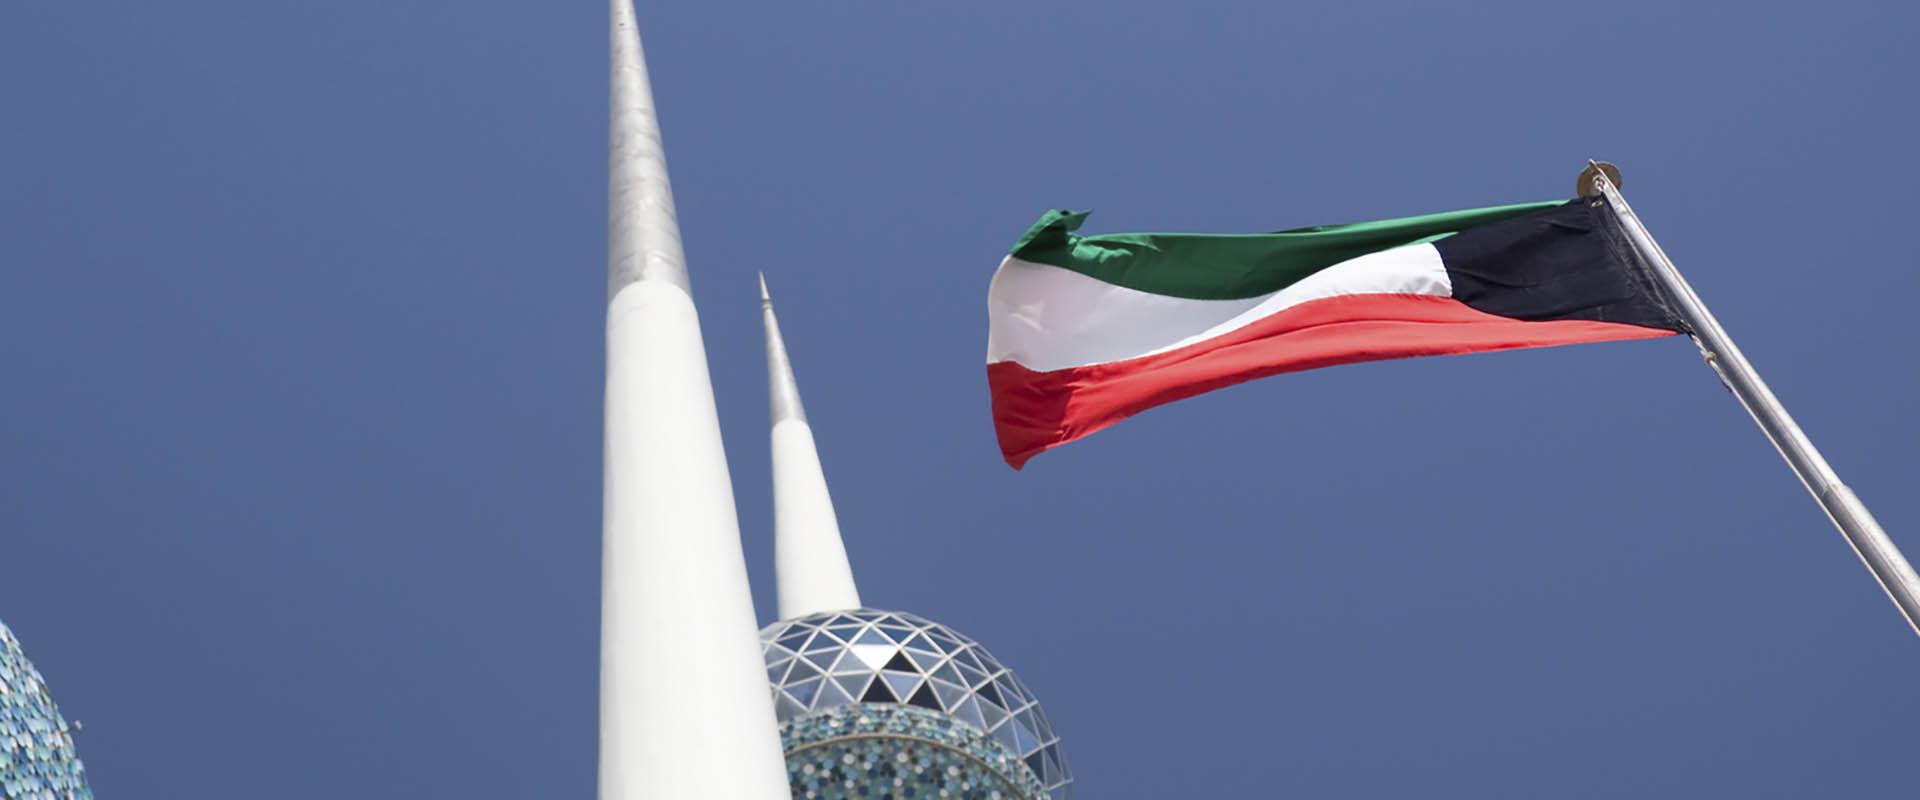 اليوم الوطني 2020 و2021 و 2022 في الكويت Publicholidays Me